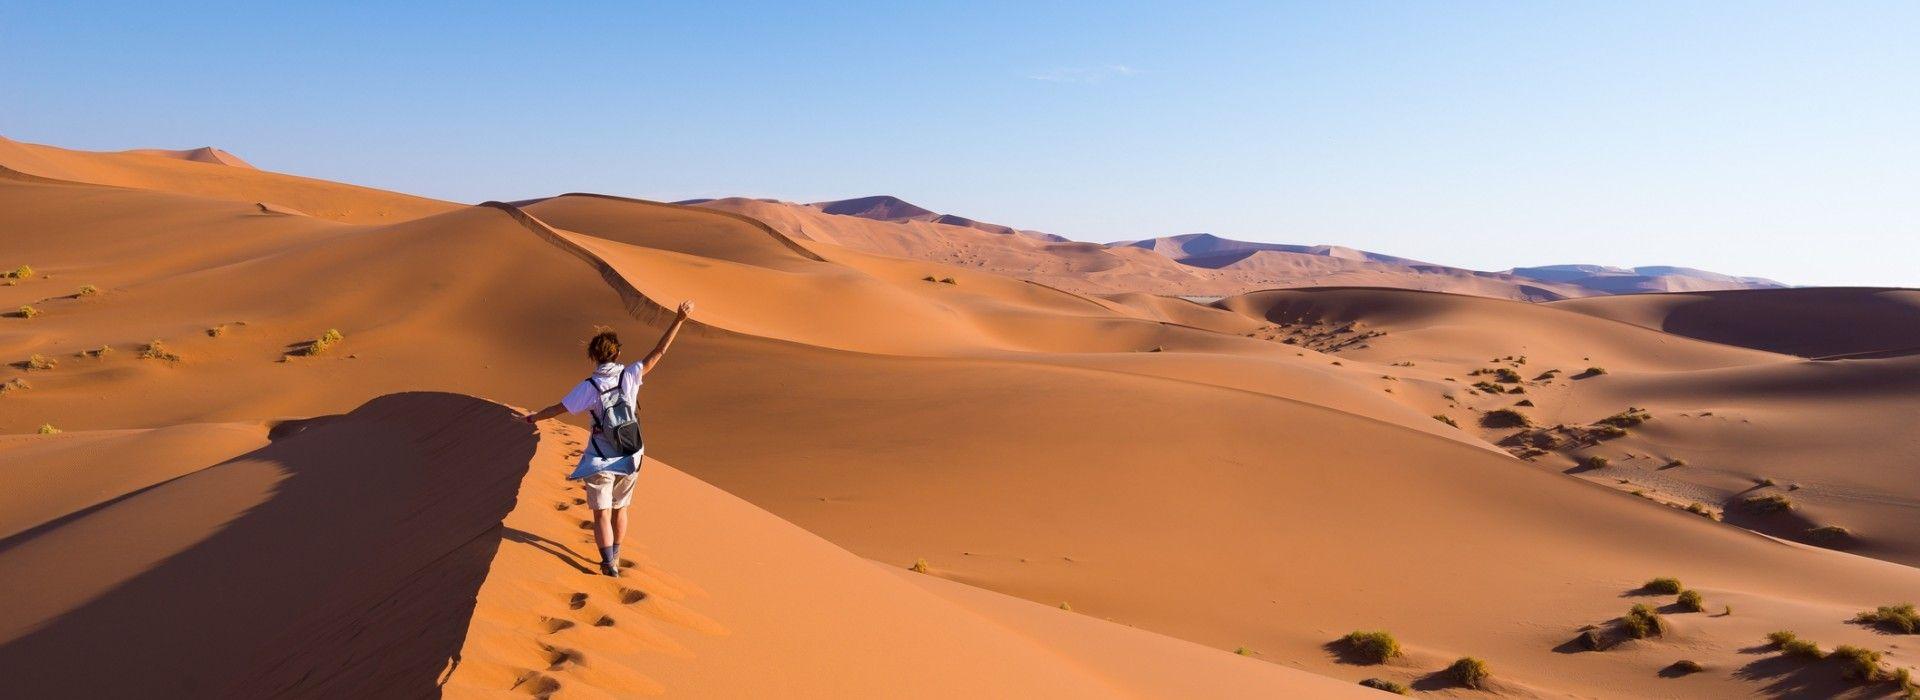 Wildlife Tours in Namib Desert